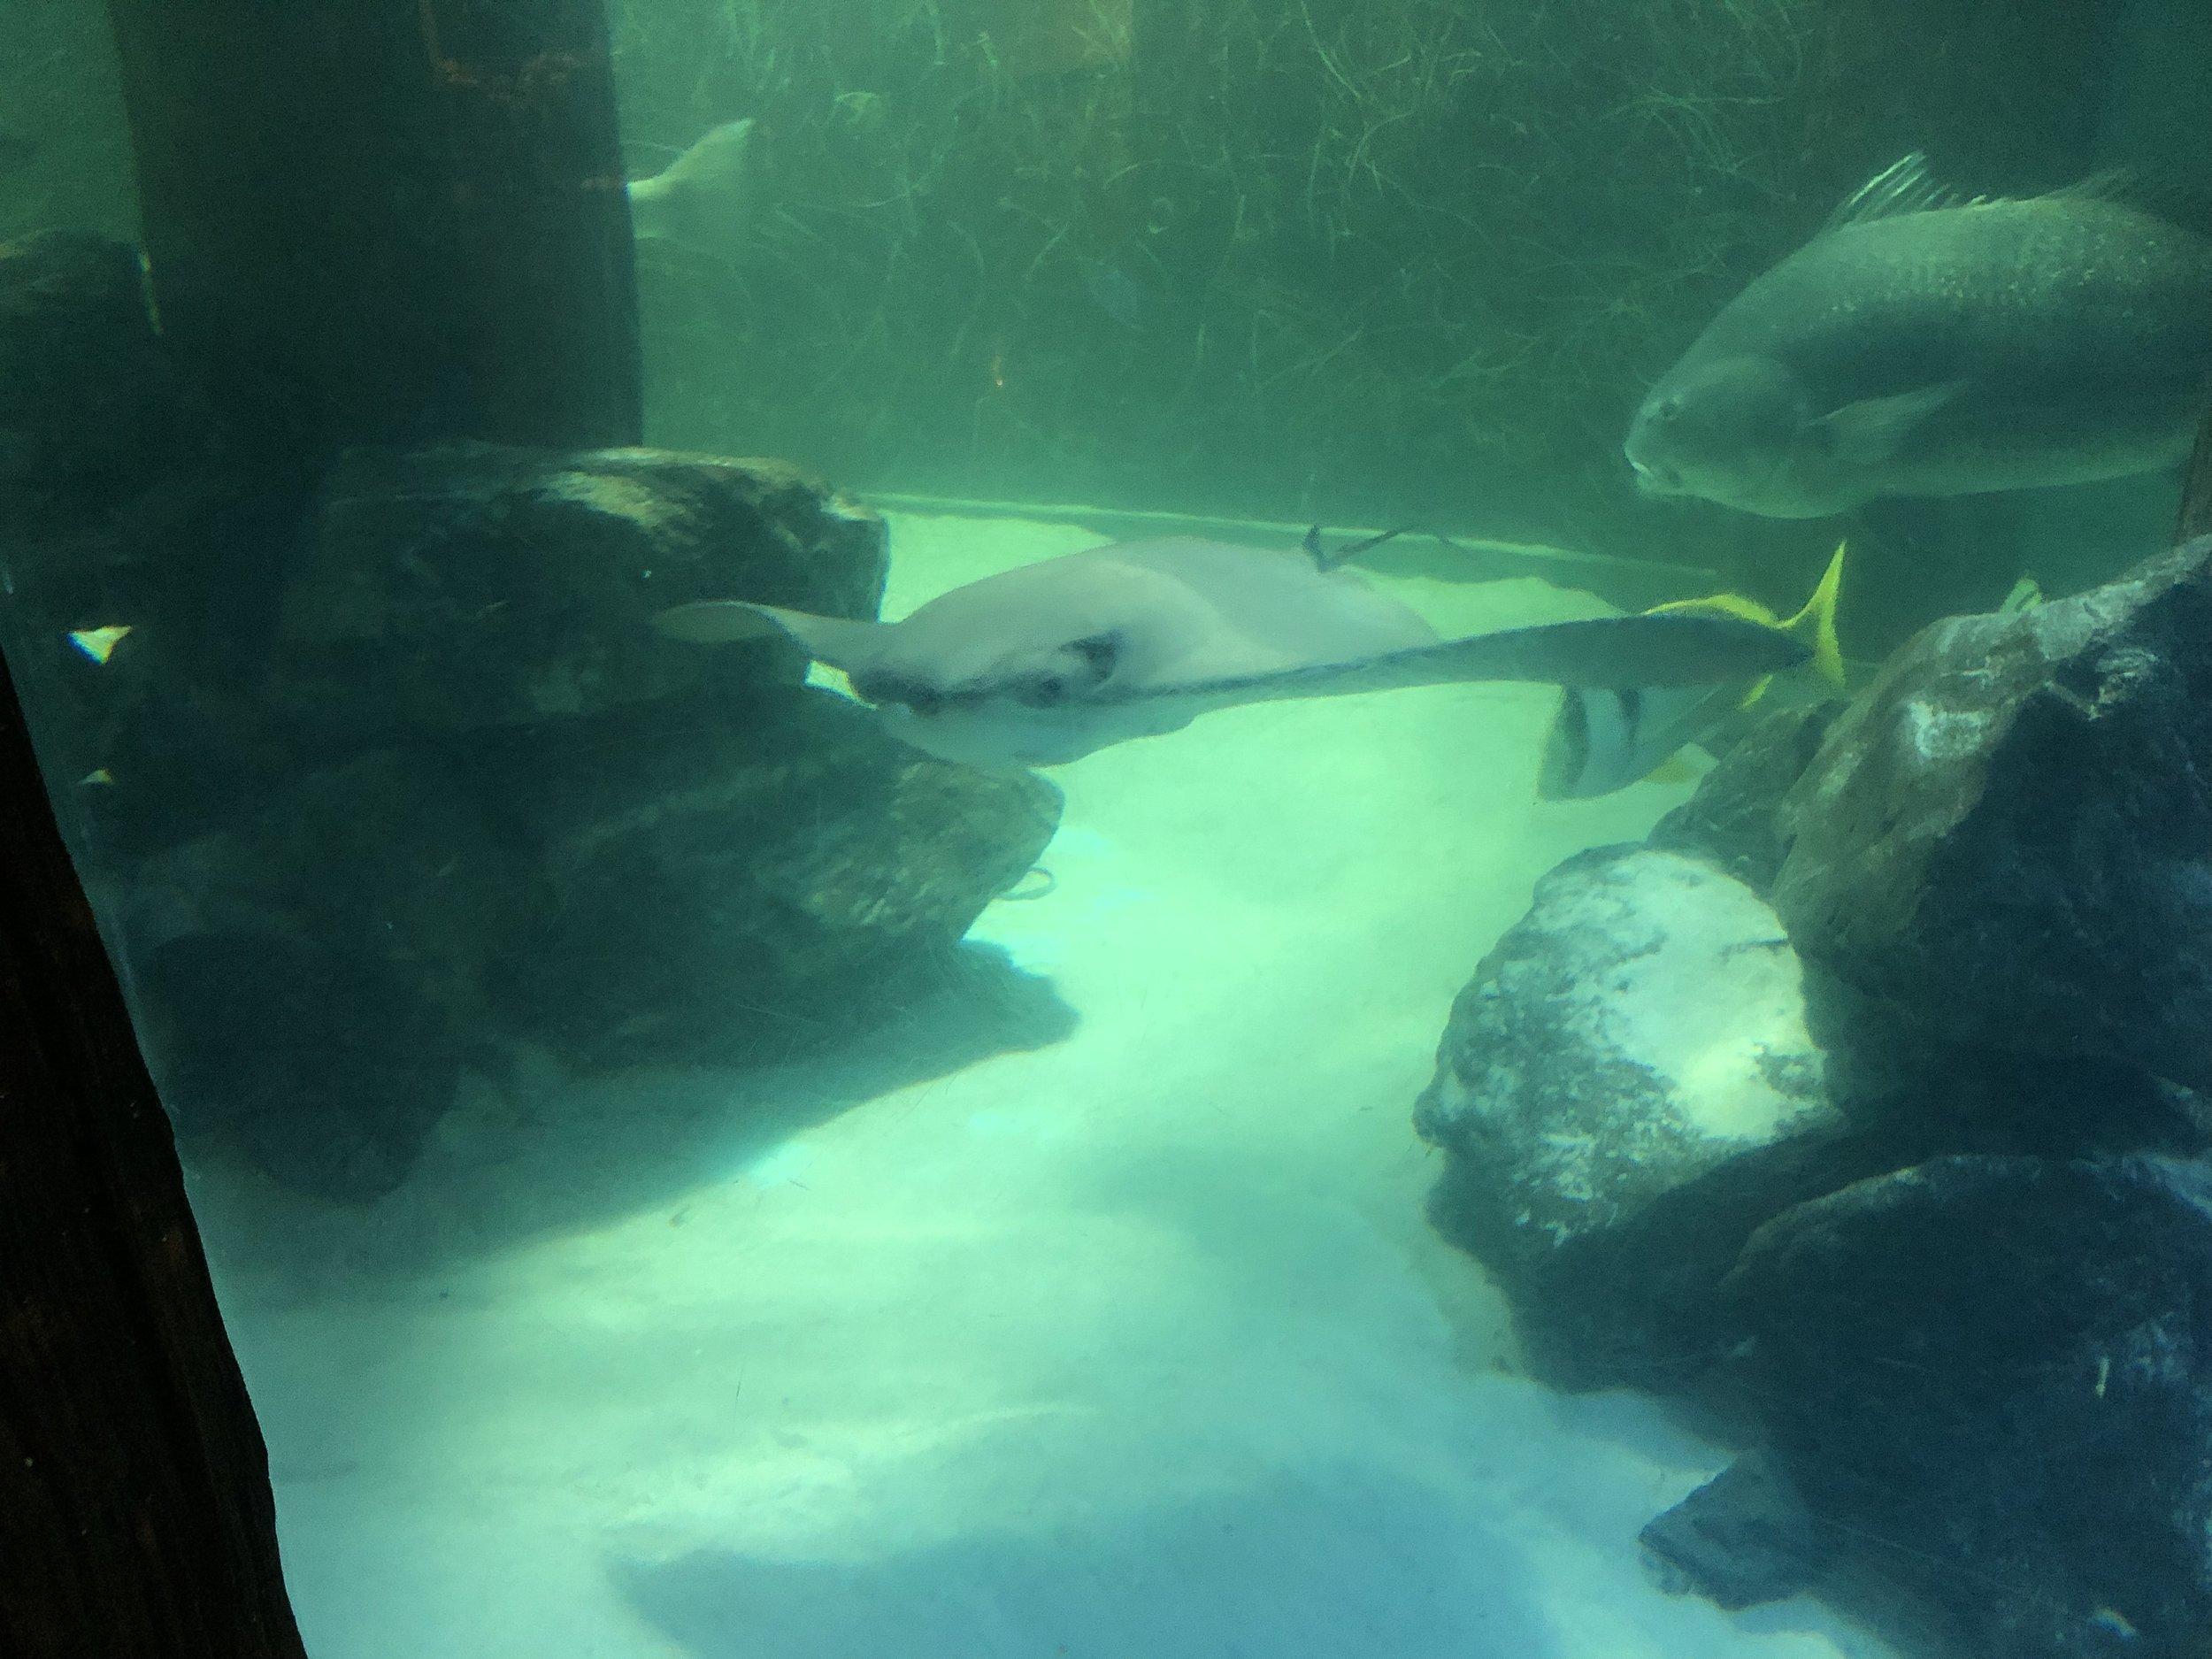 Aquarium: Stingray